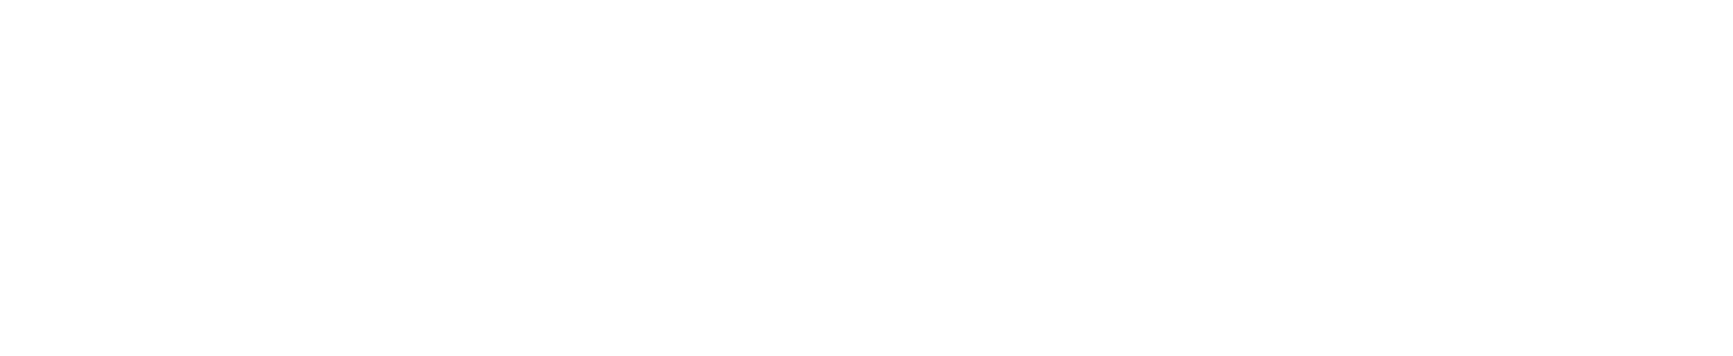 NOISECAST